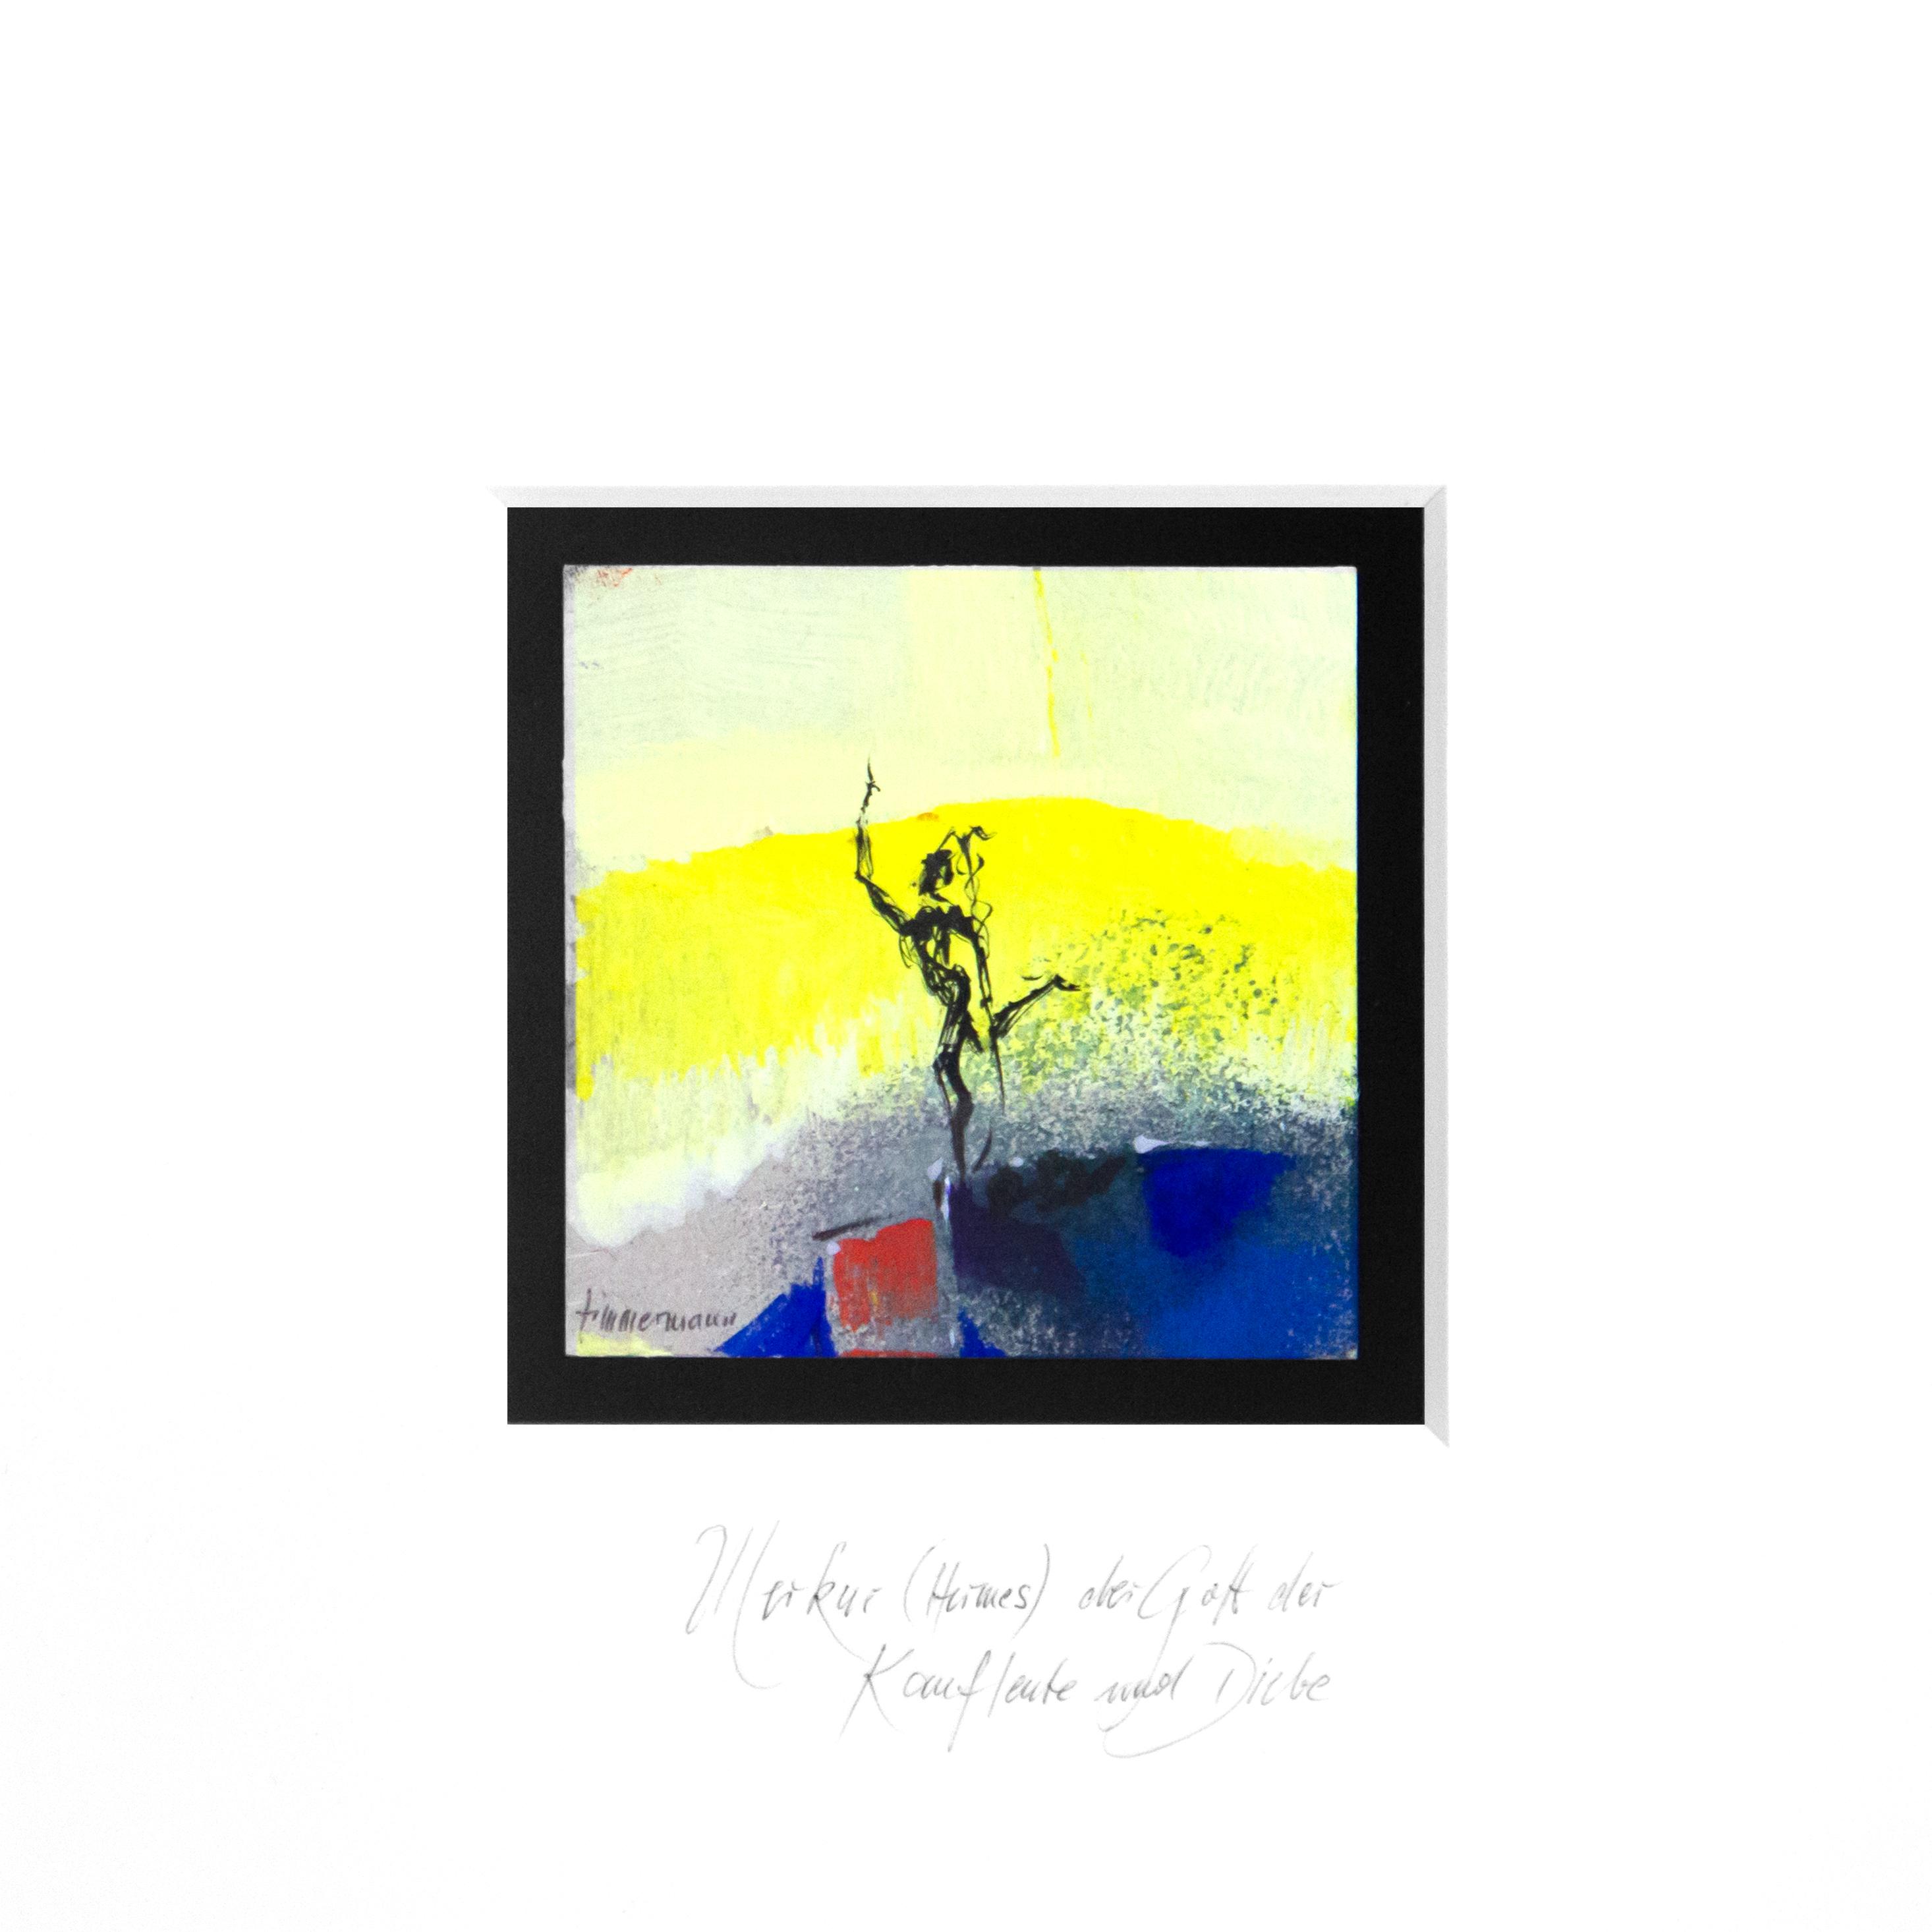 Merkur - Der Gott der Kaufleute und Diebe (Miniatur-Gemälde)